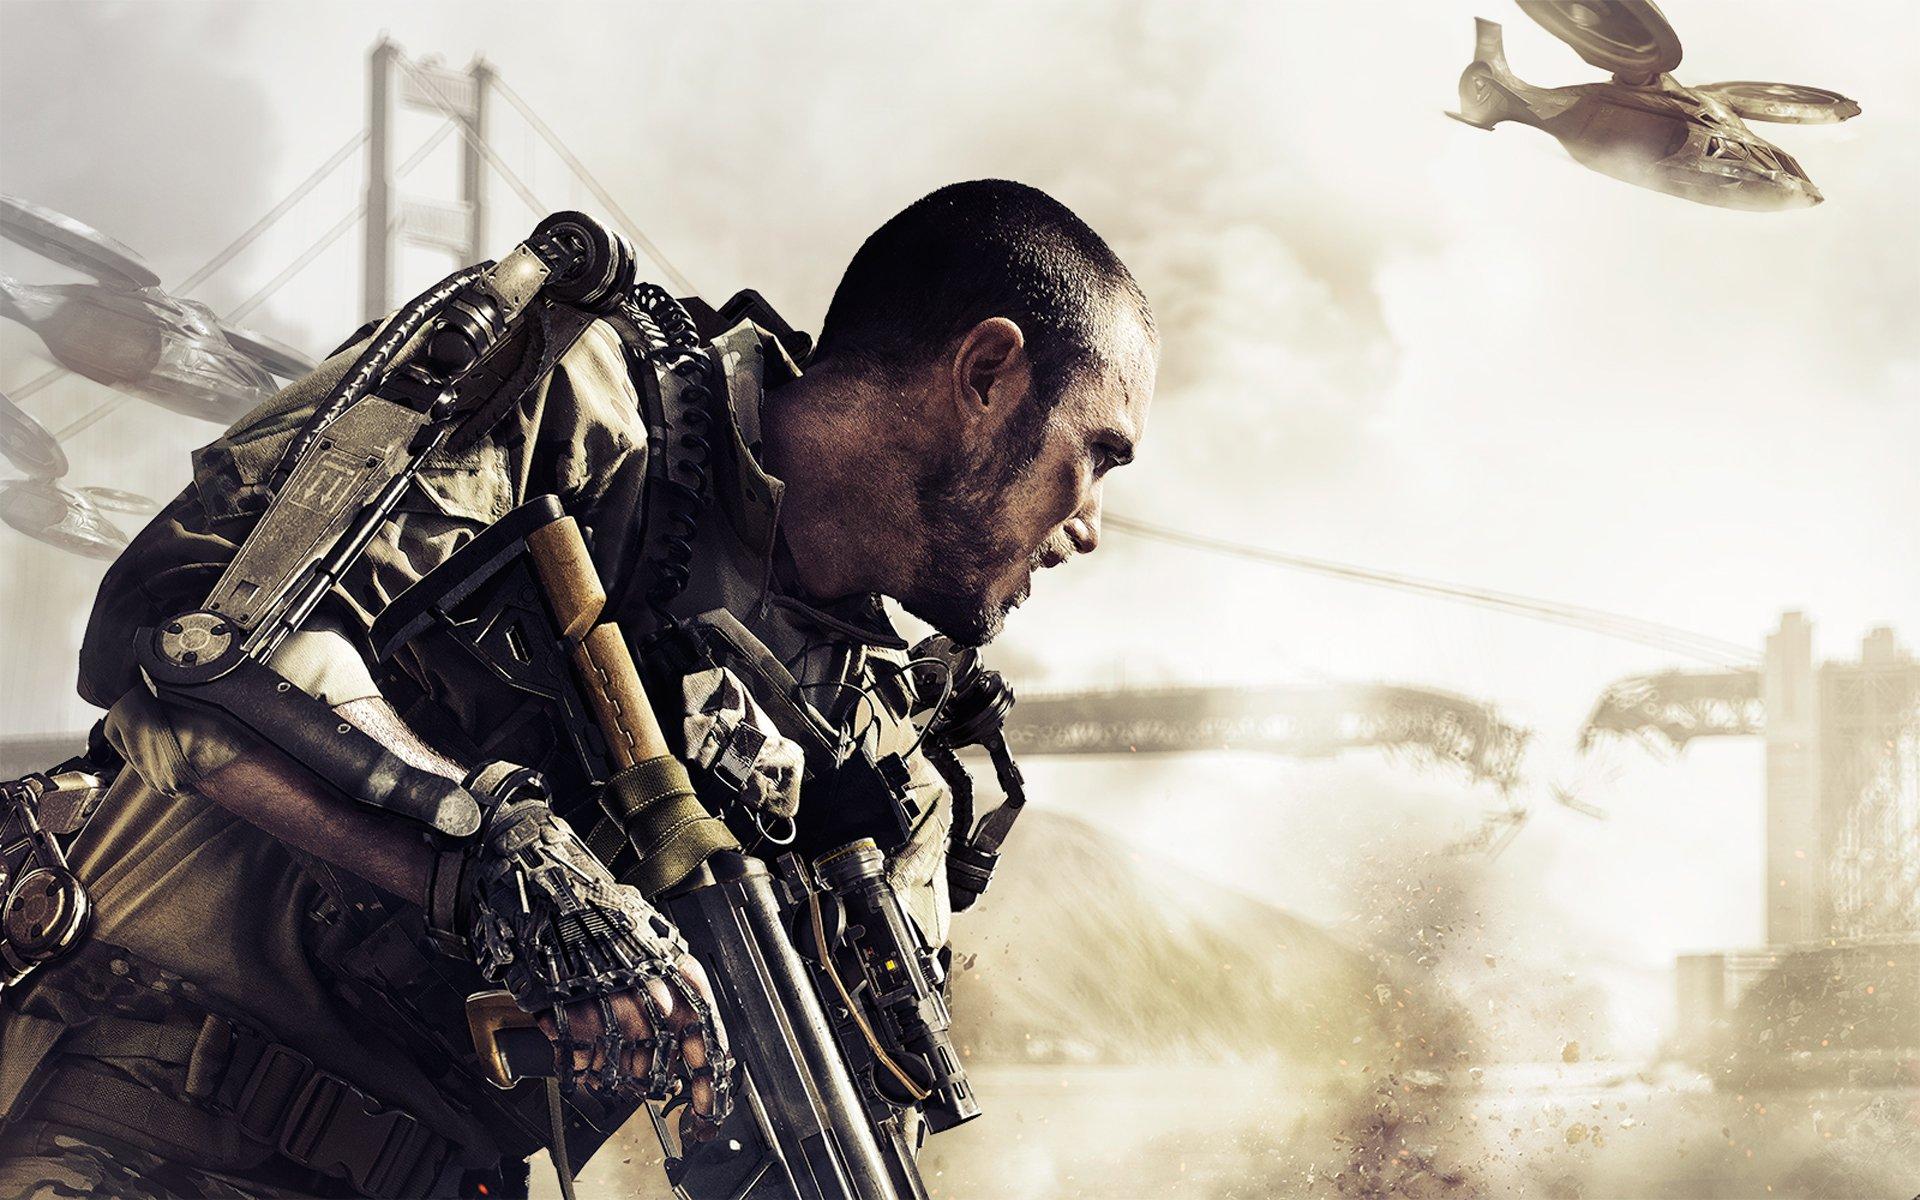 Стрим прохождения одиночной компании CoD:Adwanced Warfare - Изображение 1